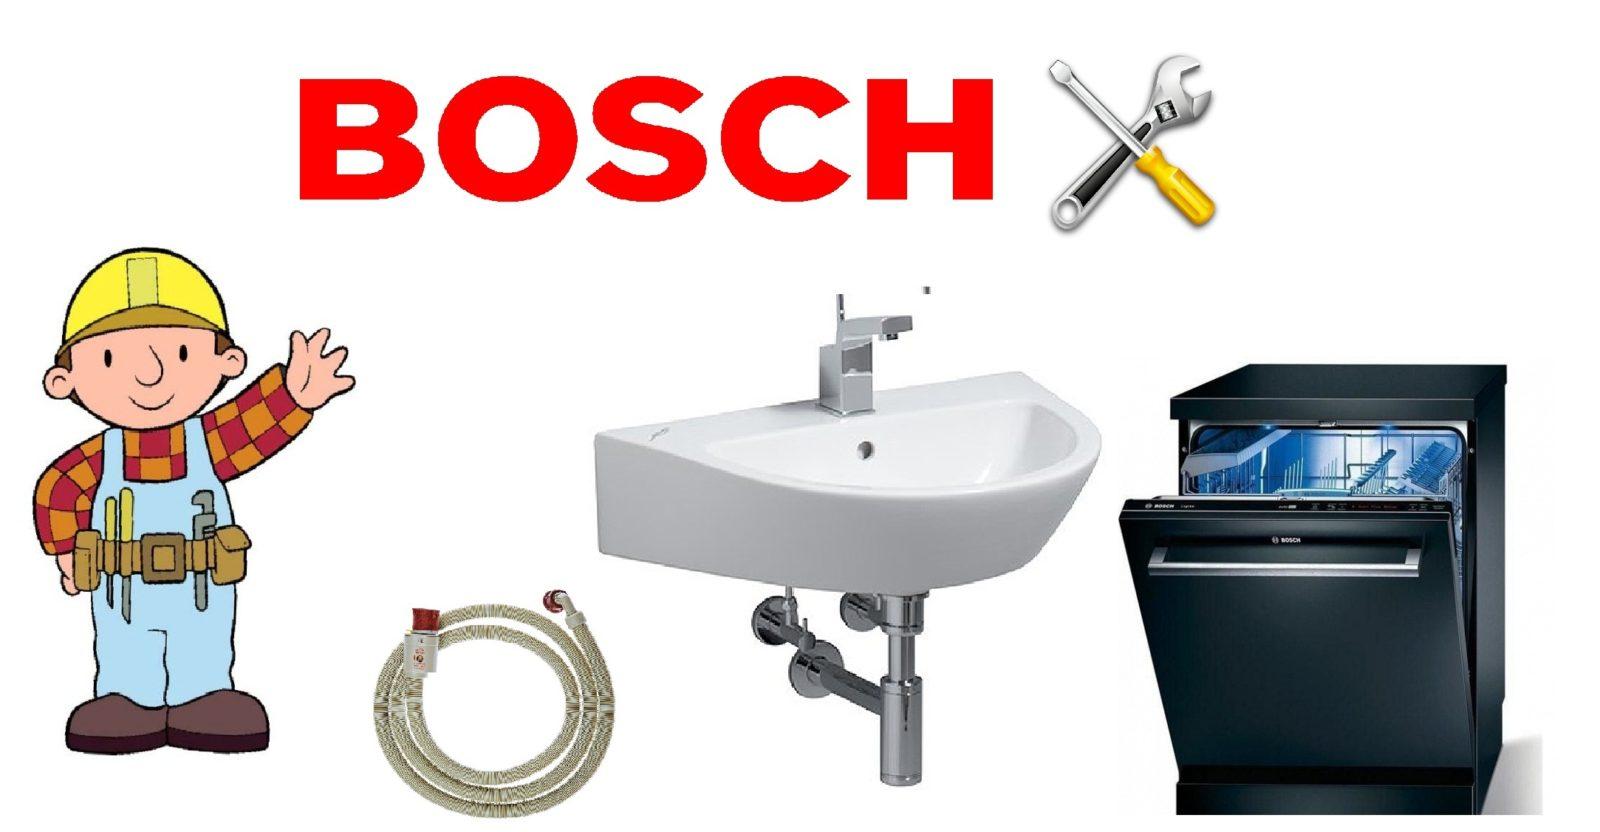 Как подключить посудомоечную машину bosch самостоятельно